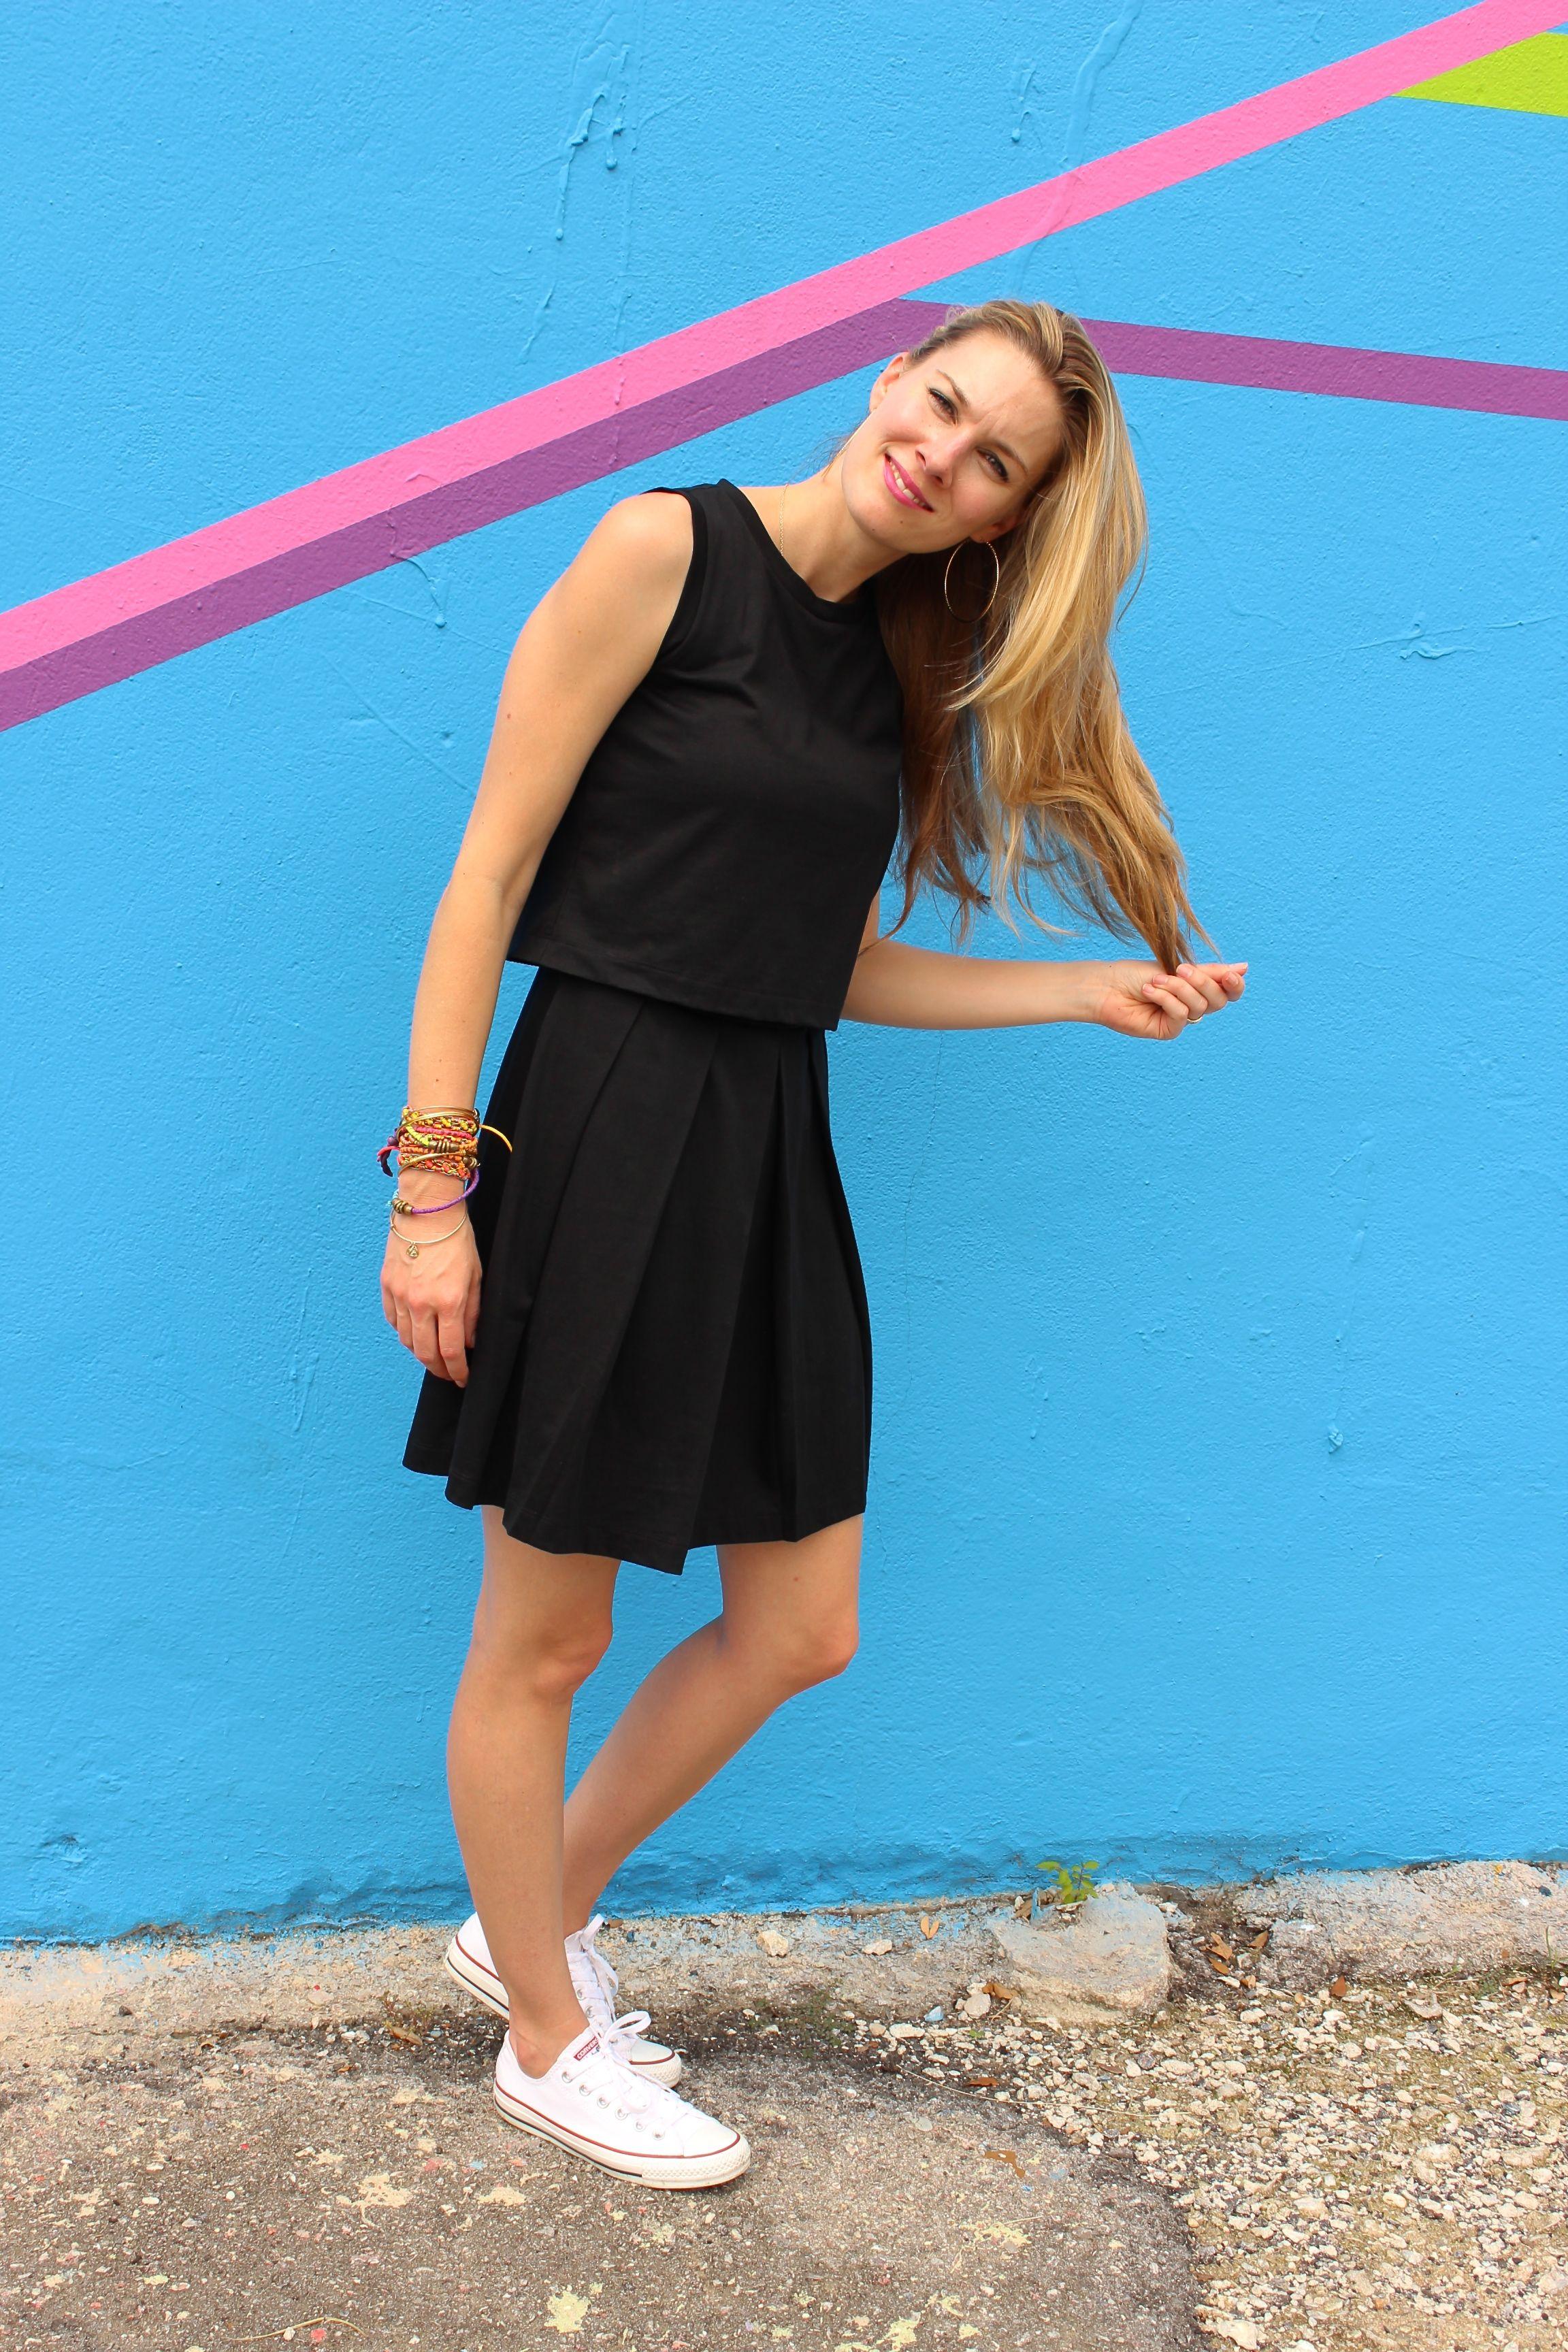 Gap Overlay Dress | everything | Pinterest | Summer months, Summer ...